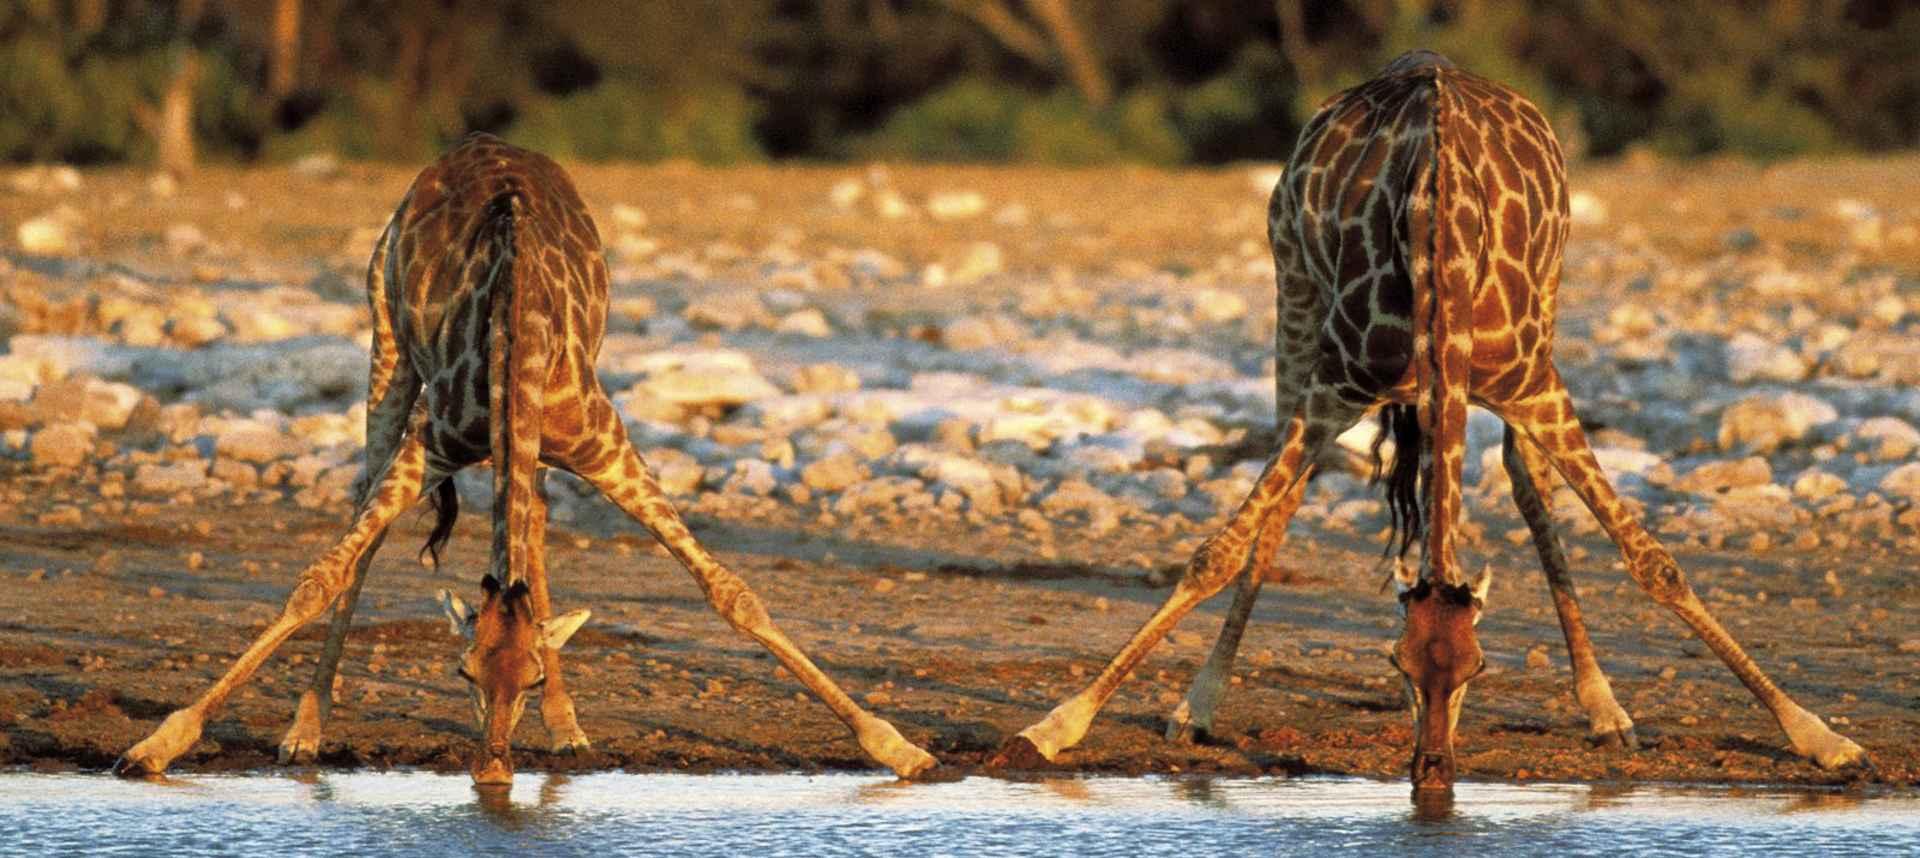 Durstige Giraffen am Wasserloch